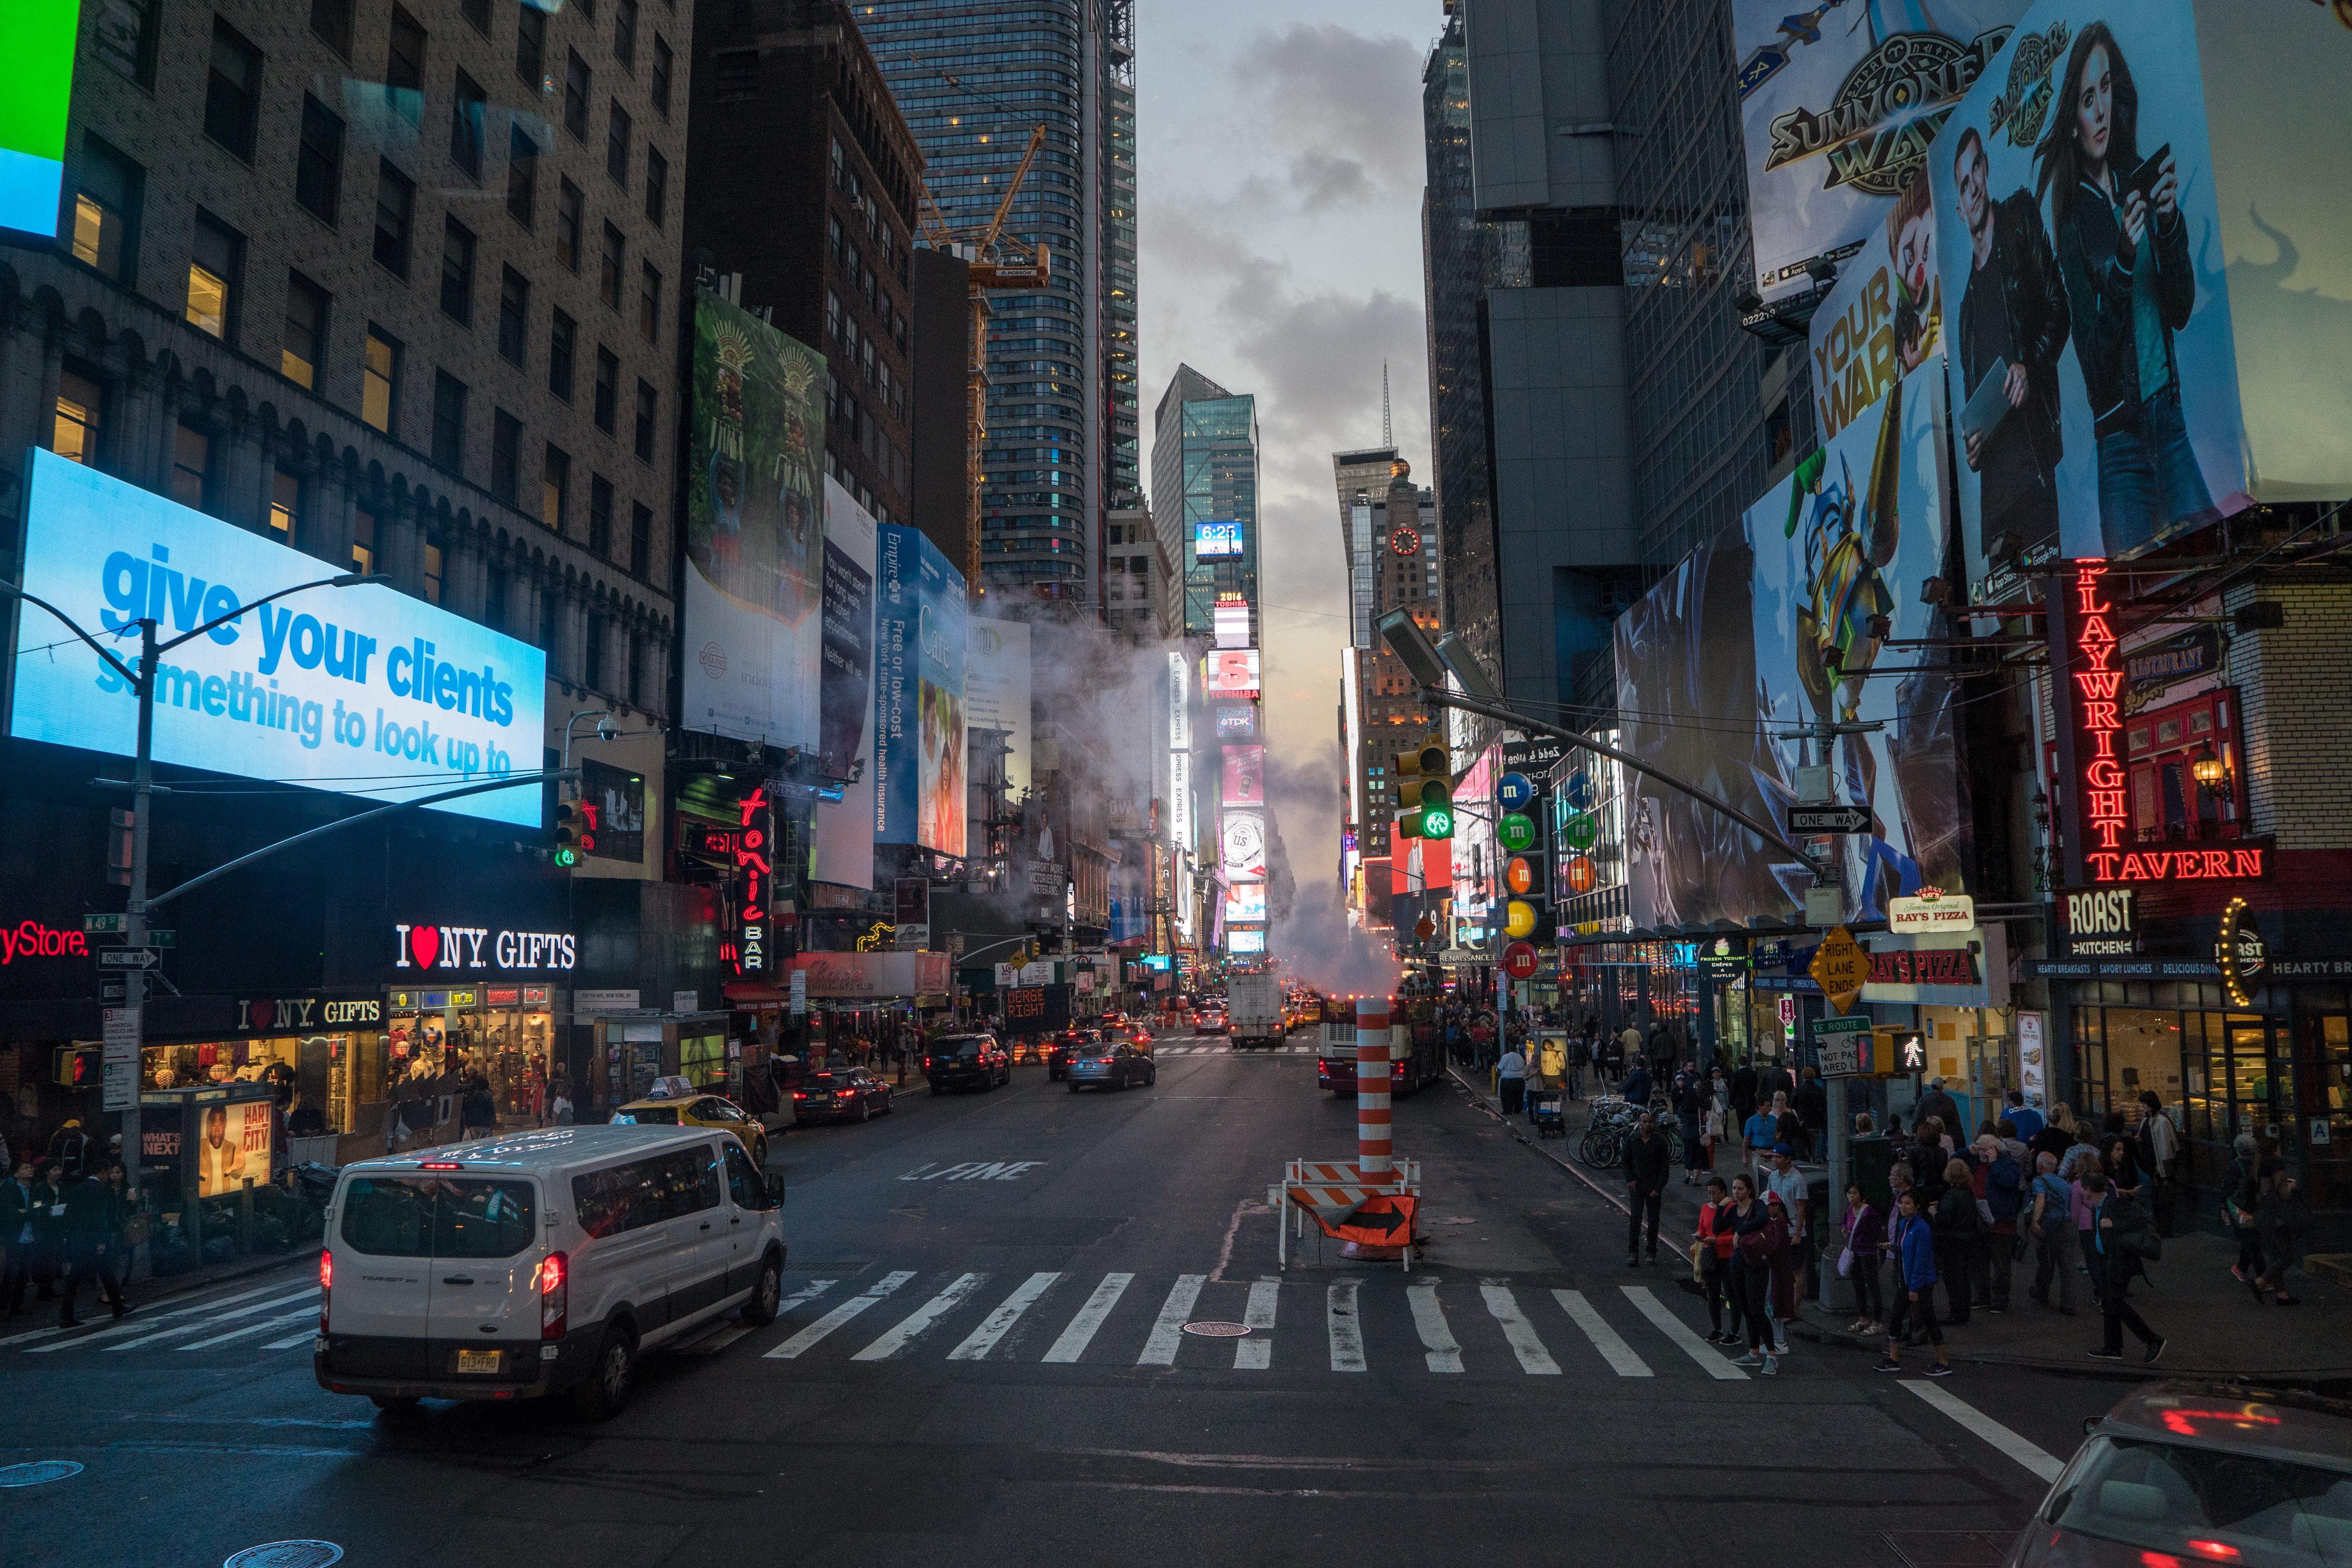 NYC-08300